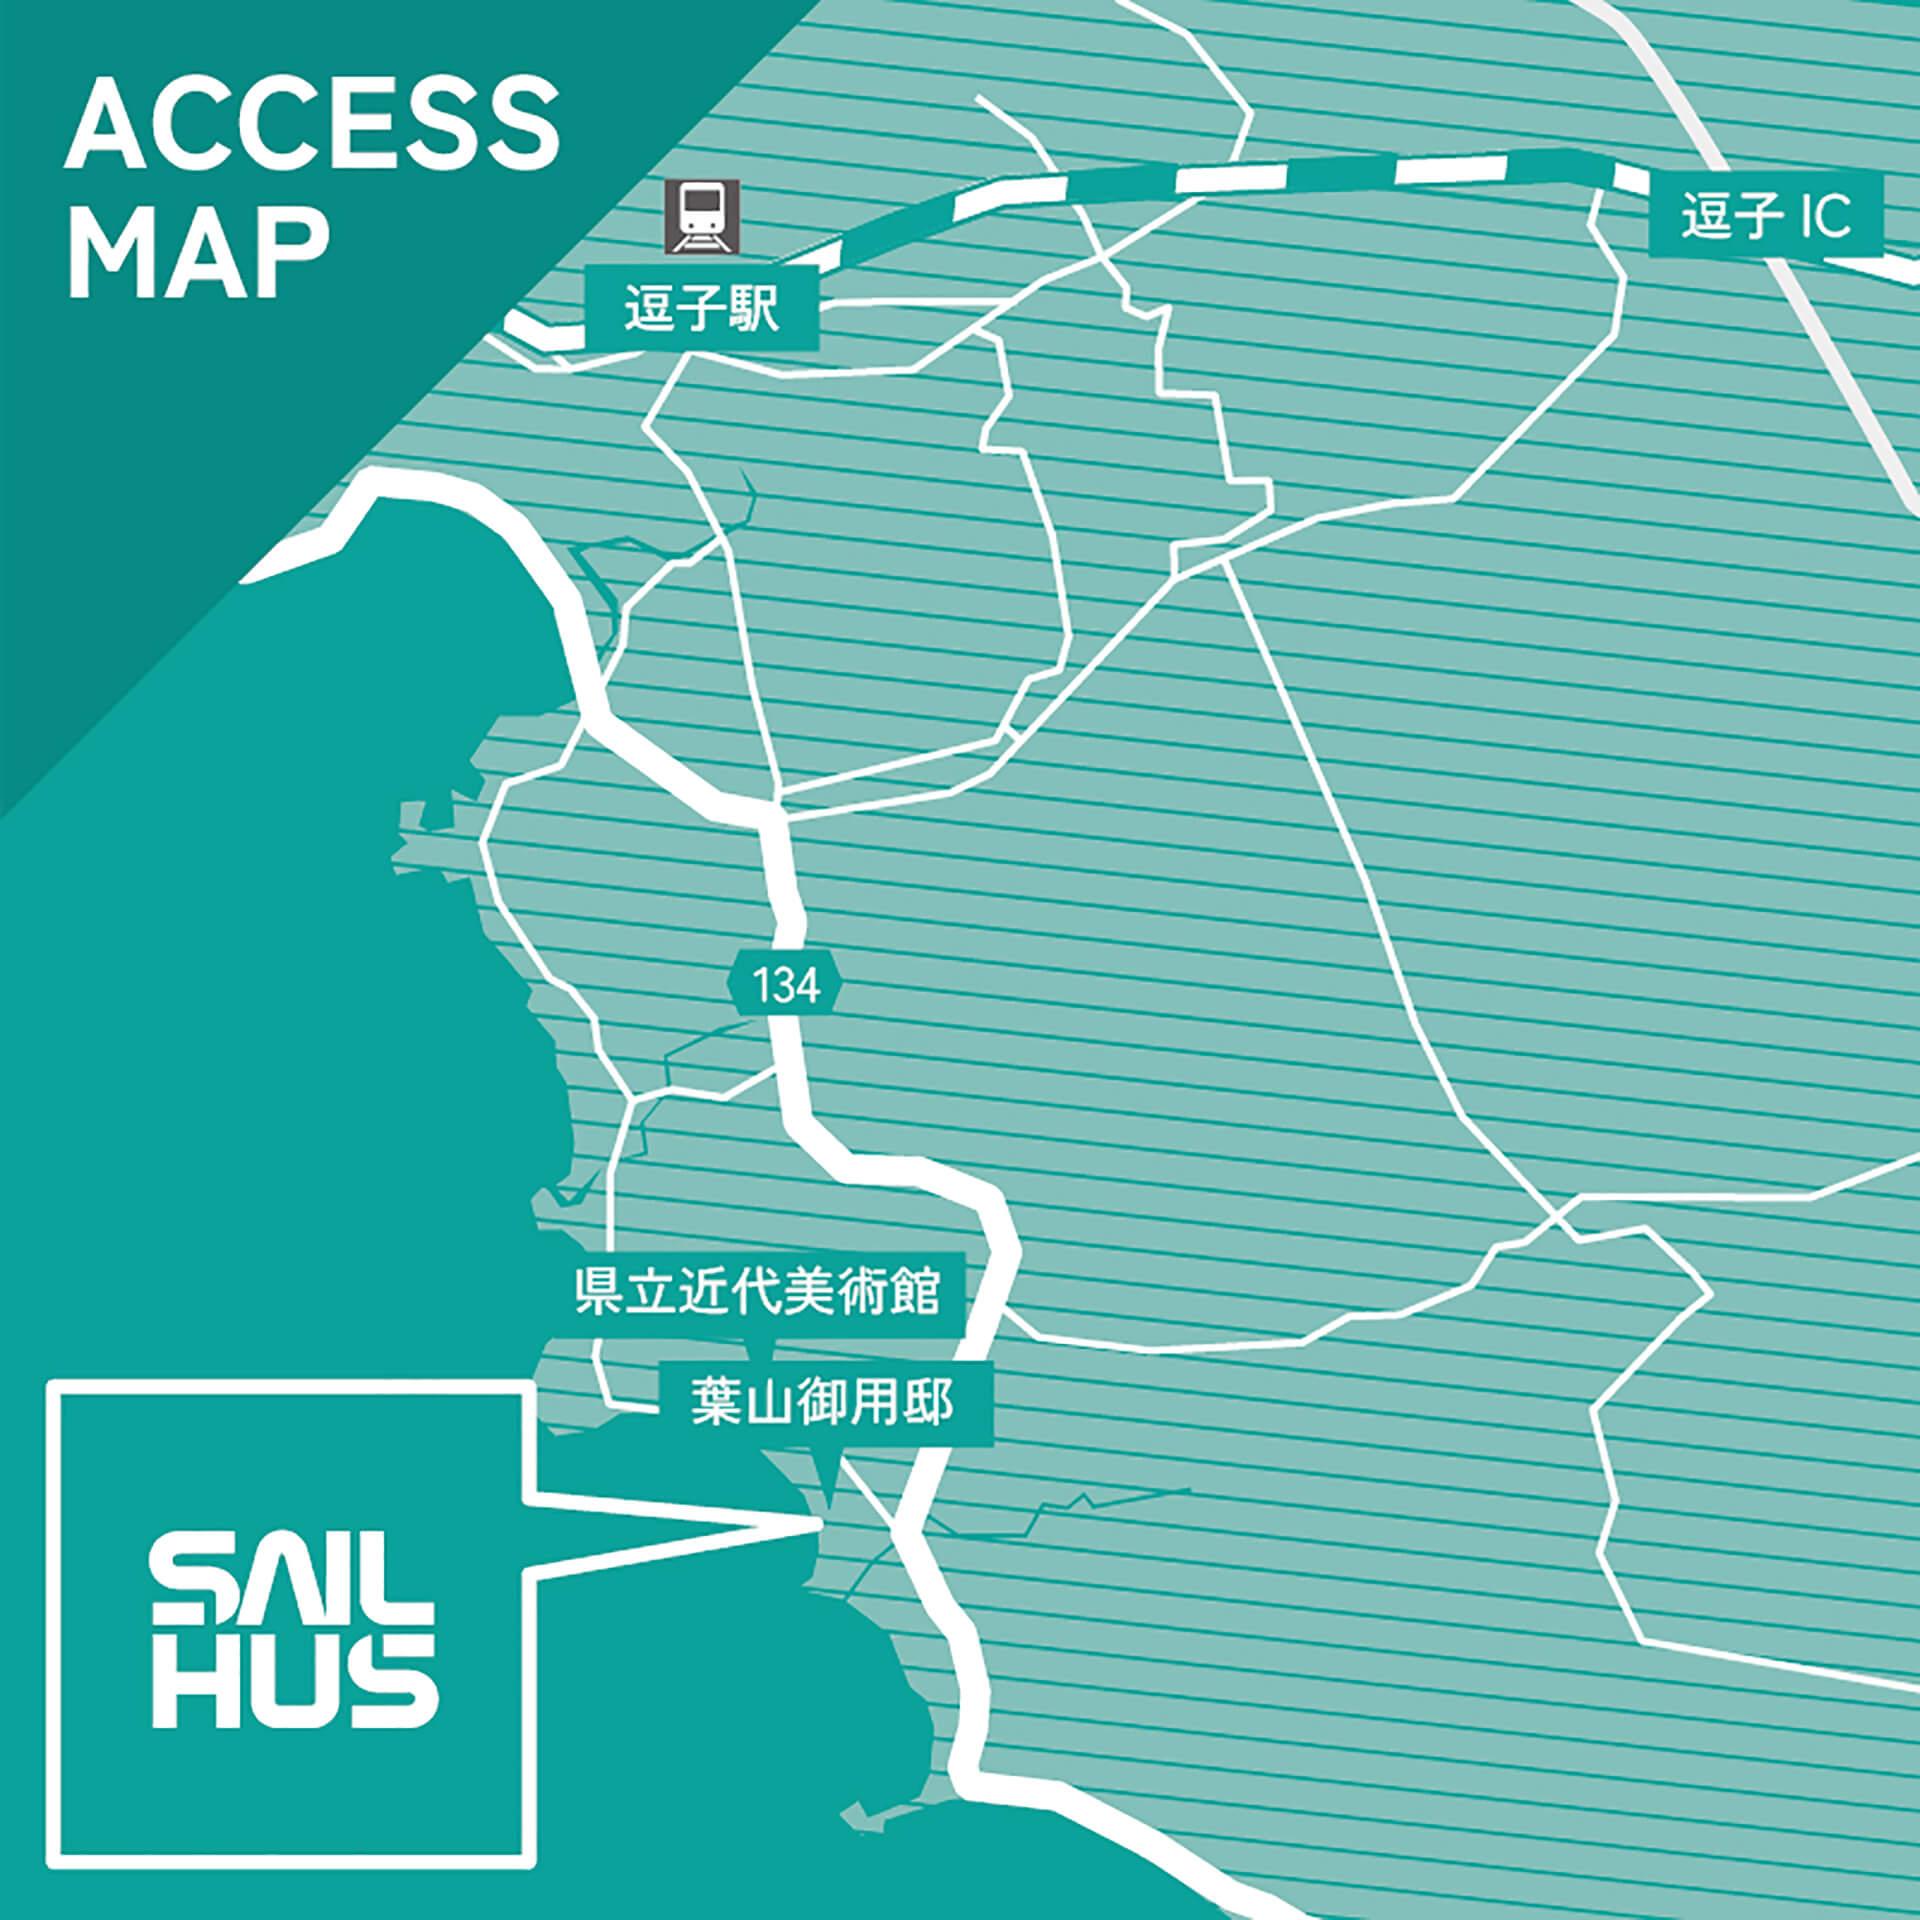 この写真は、海の家セイルハウスの所在地を示す地図です